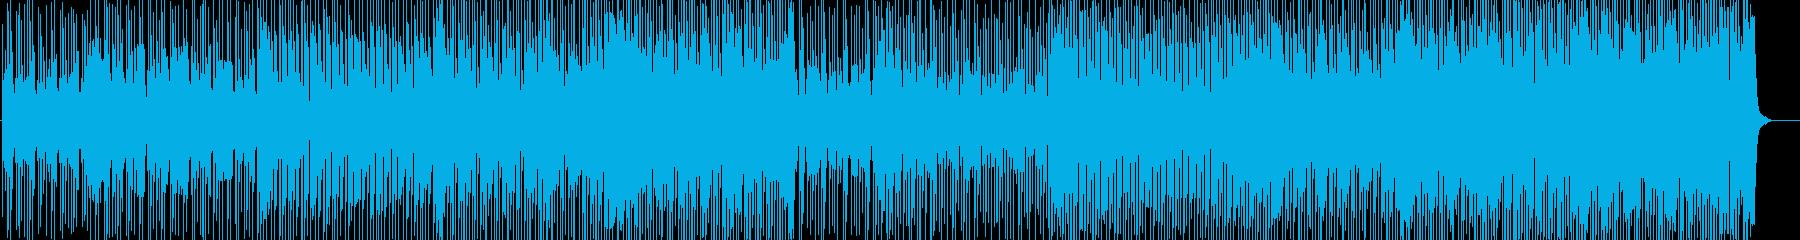 軽快で心踊るテクノミュージックの再生済みの波形